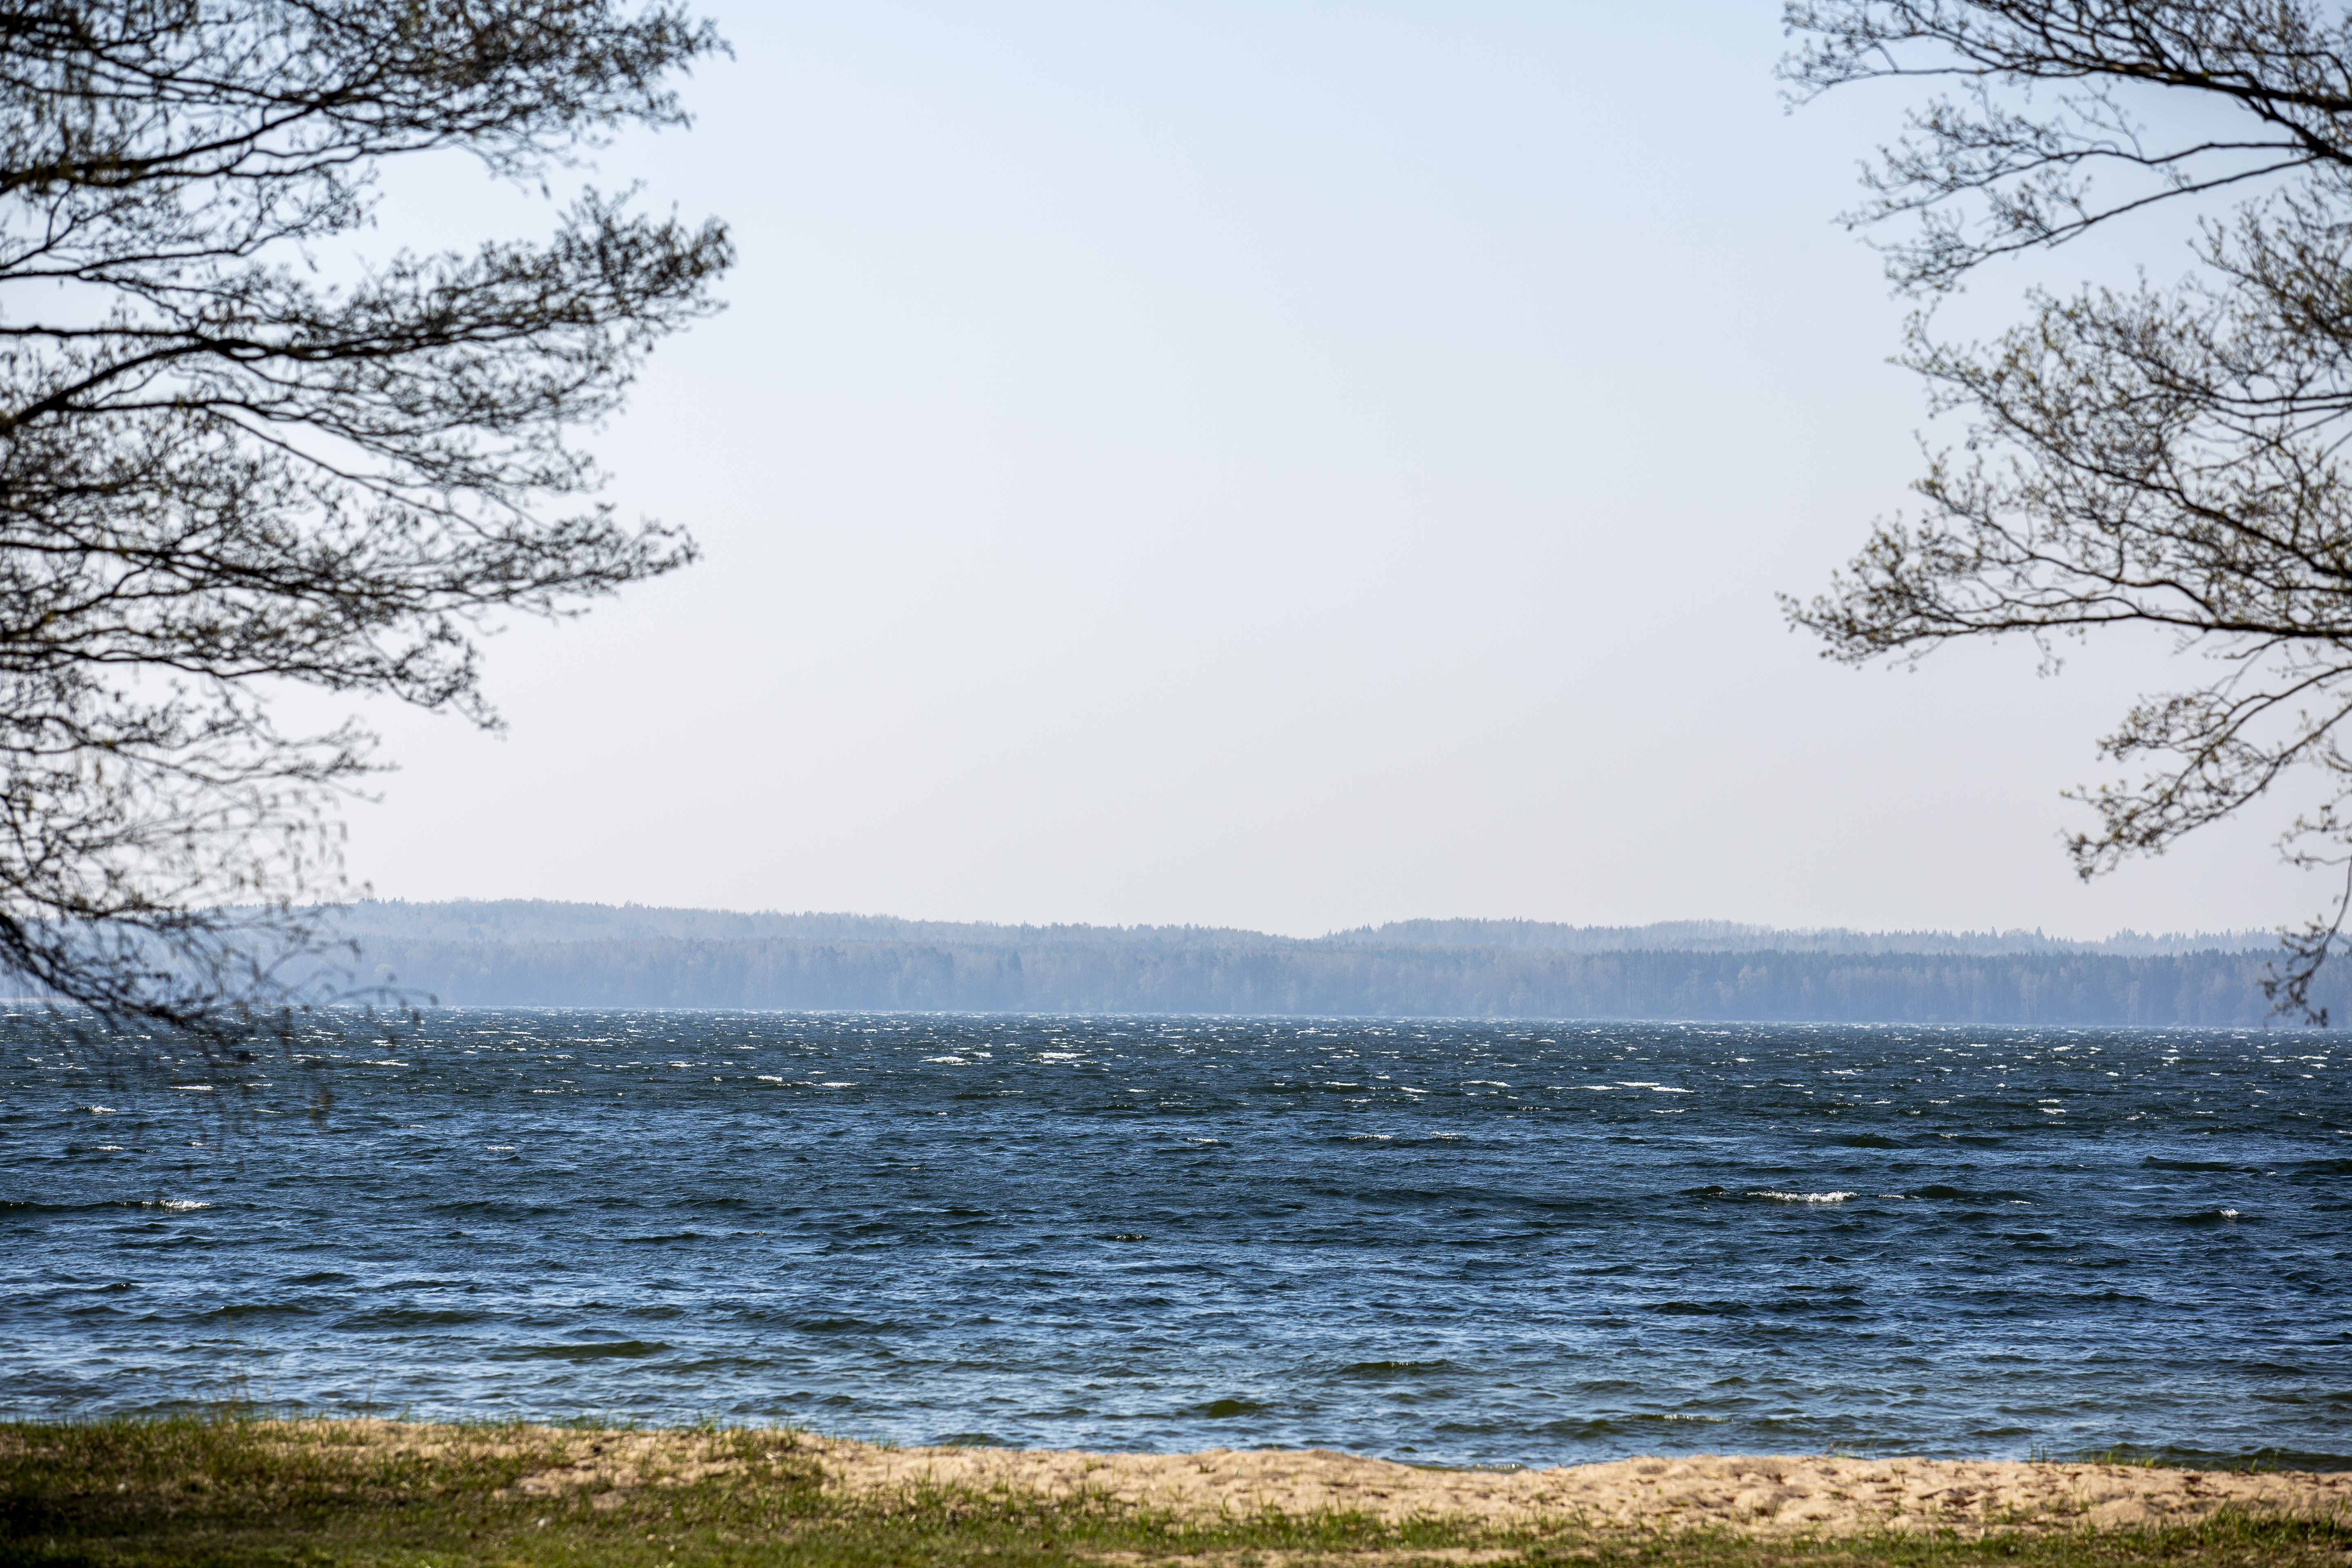 """Kai kurias brangiausias savo šalies gamtos vertybes turime dalintis su kaimynais. Ir tai ne tik Baltijos jūra, Kuršių nerija, tačiau ir Vištyčio ežeras, vienas seniausių šalies ežerų, po kurio gelmes nardo """"reliktinės"""" ledynmečio žuvys, o krantus supa ledyno sustumtos kalvos. Kartu su Vištyčio regioninio parko ekologu Vaidu Leonavičiumi apžvelgiame, kokias gamtos vertybes saugo šis regioninis parkas."""